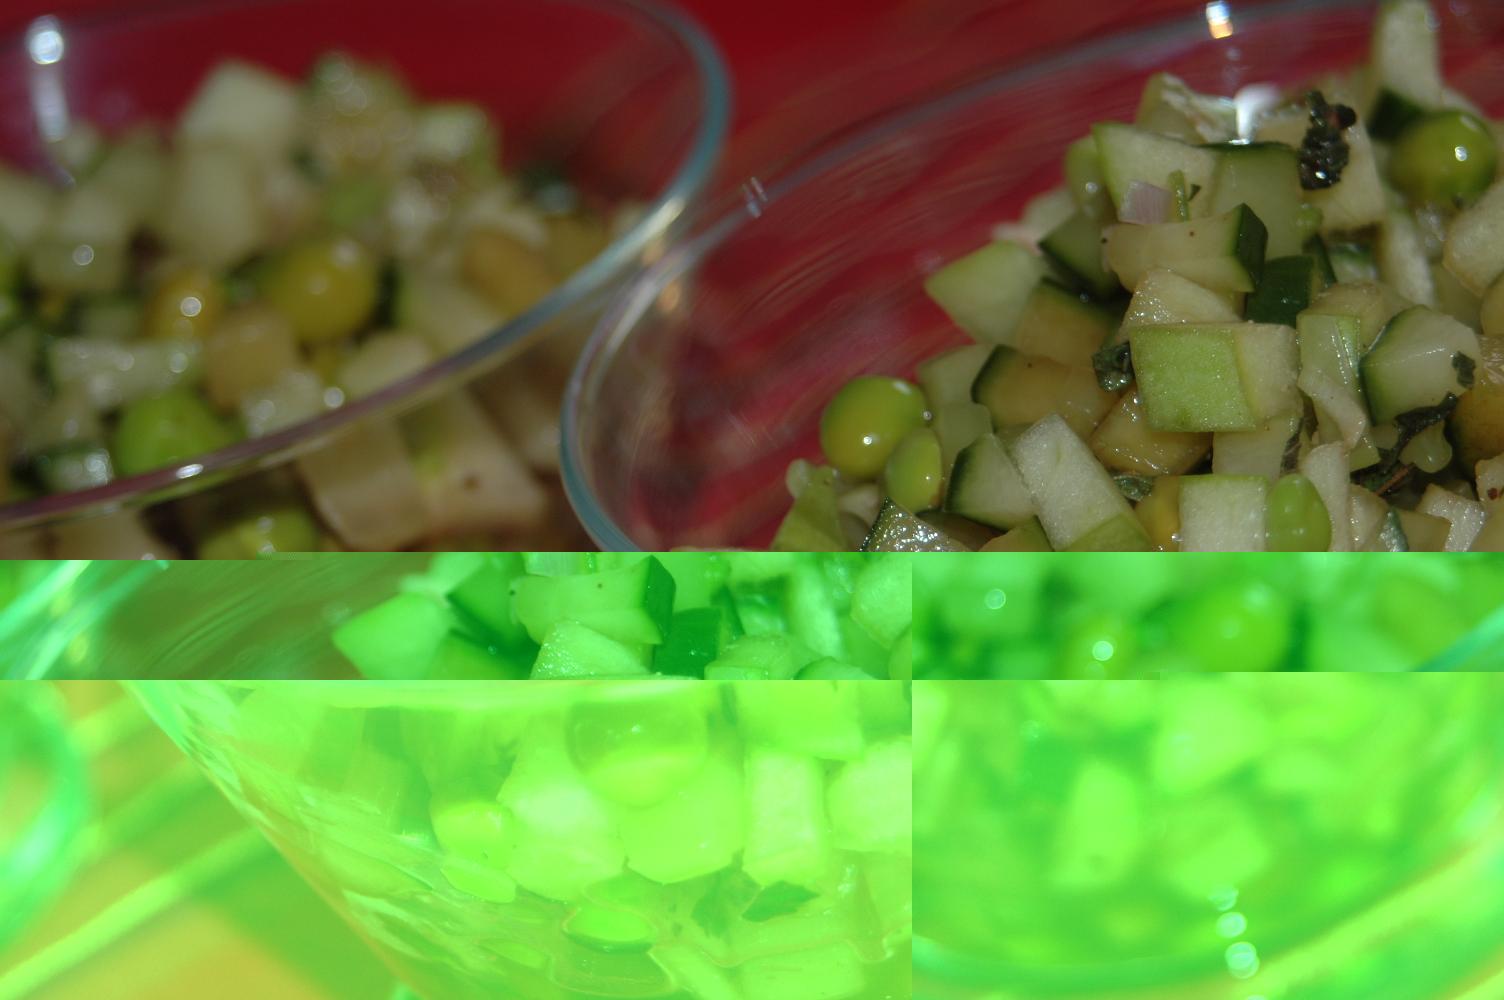 090721 Concombre en tartare (1)